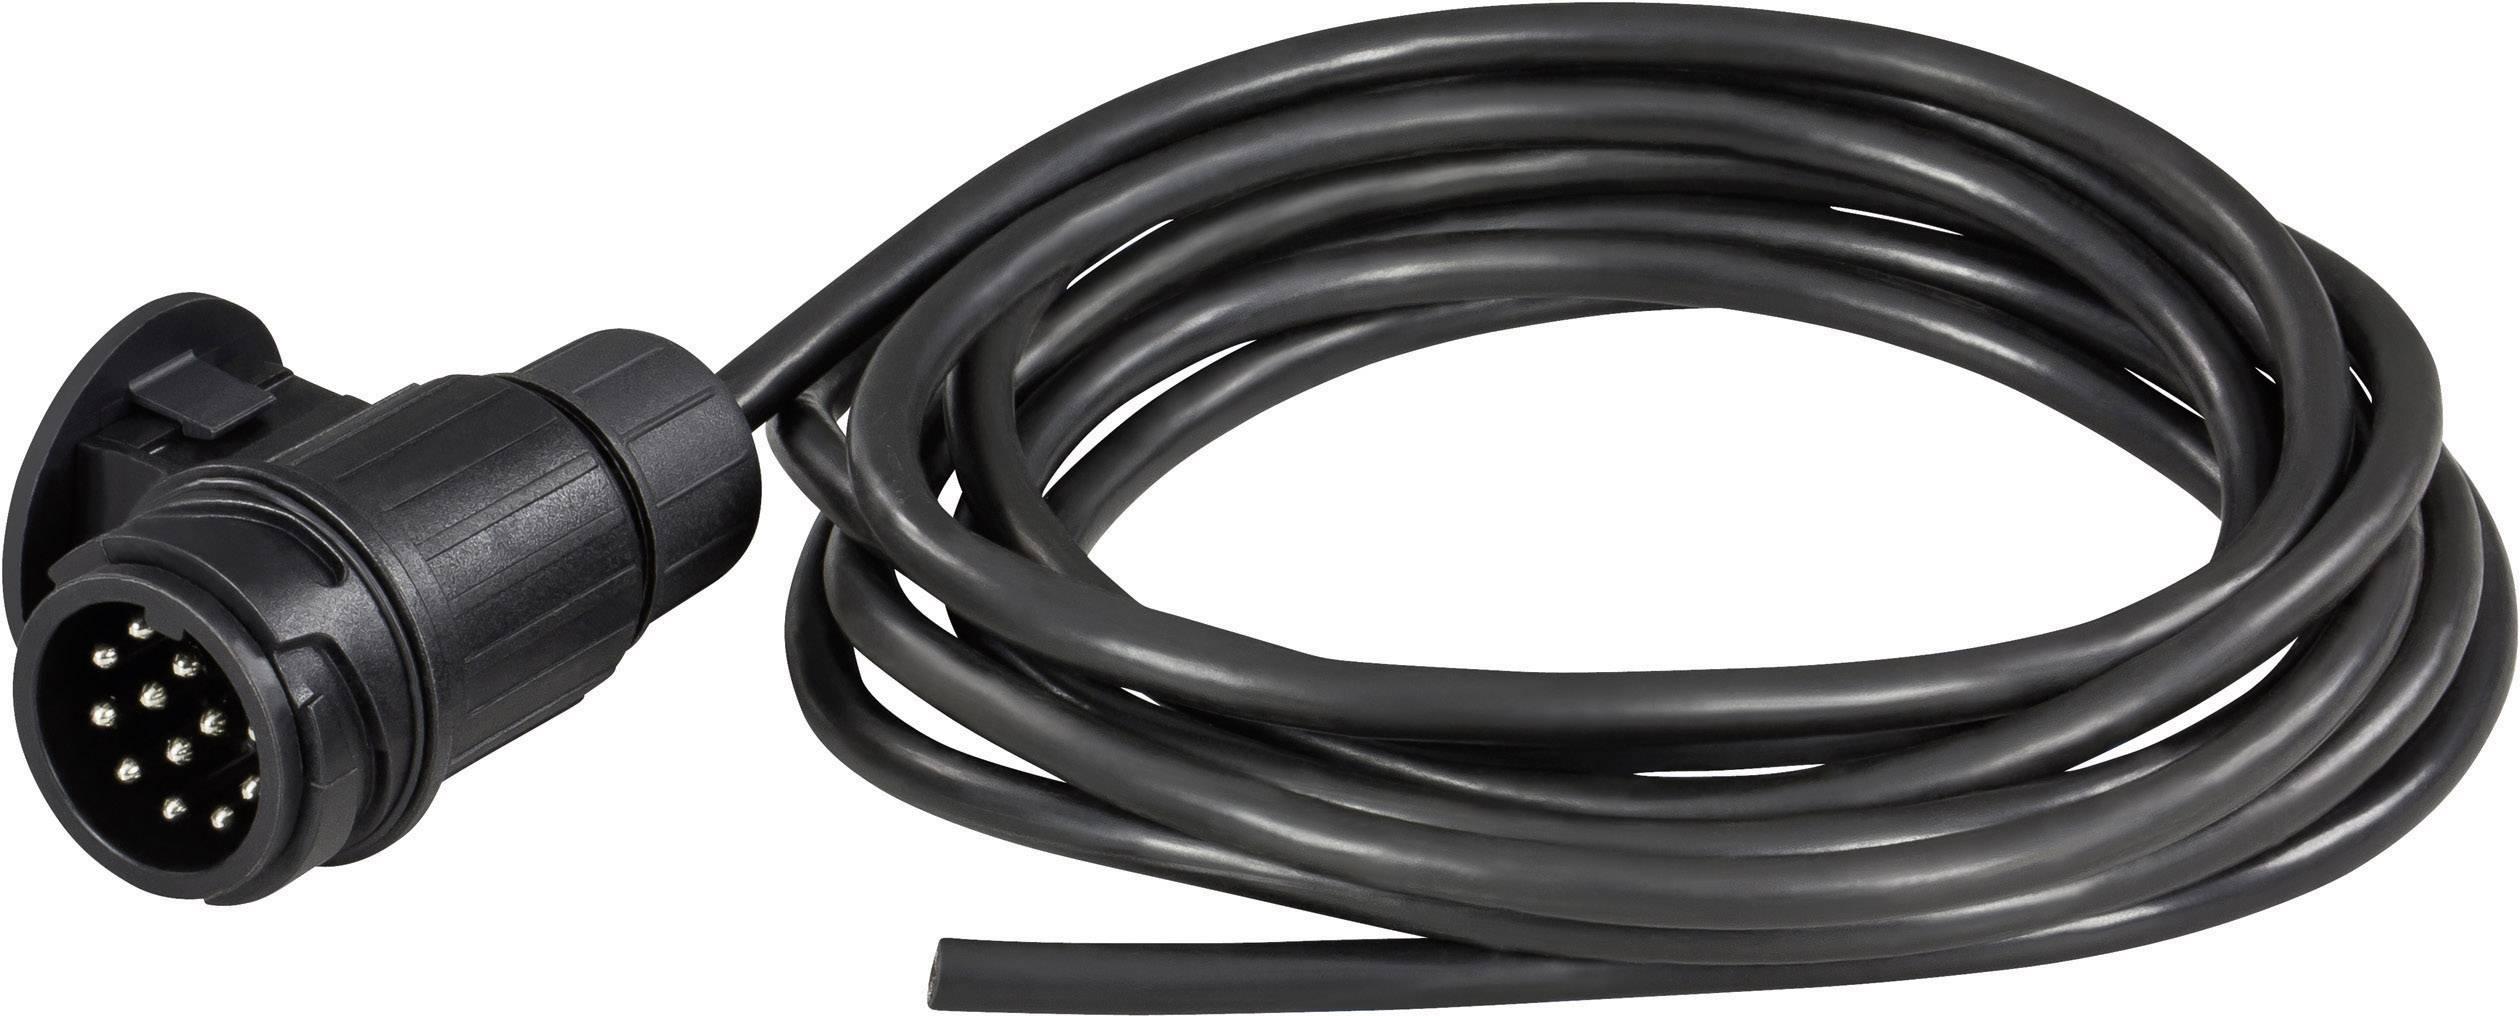 Kabelsatz Stecker 13polig Adernanzahl 13 Kabellänge=7 m SecoRüt